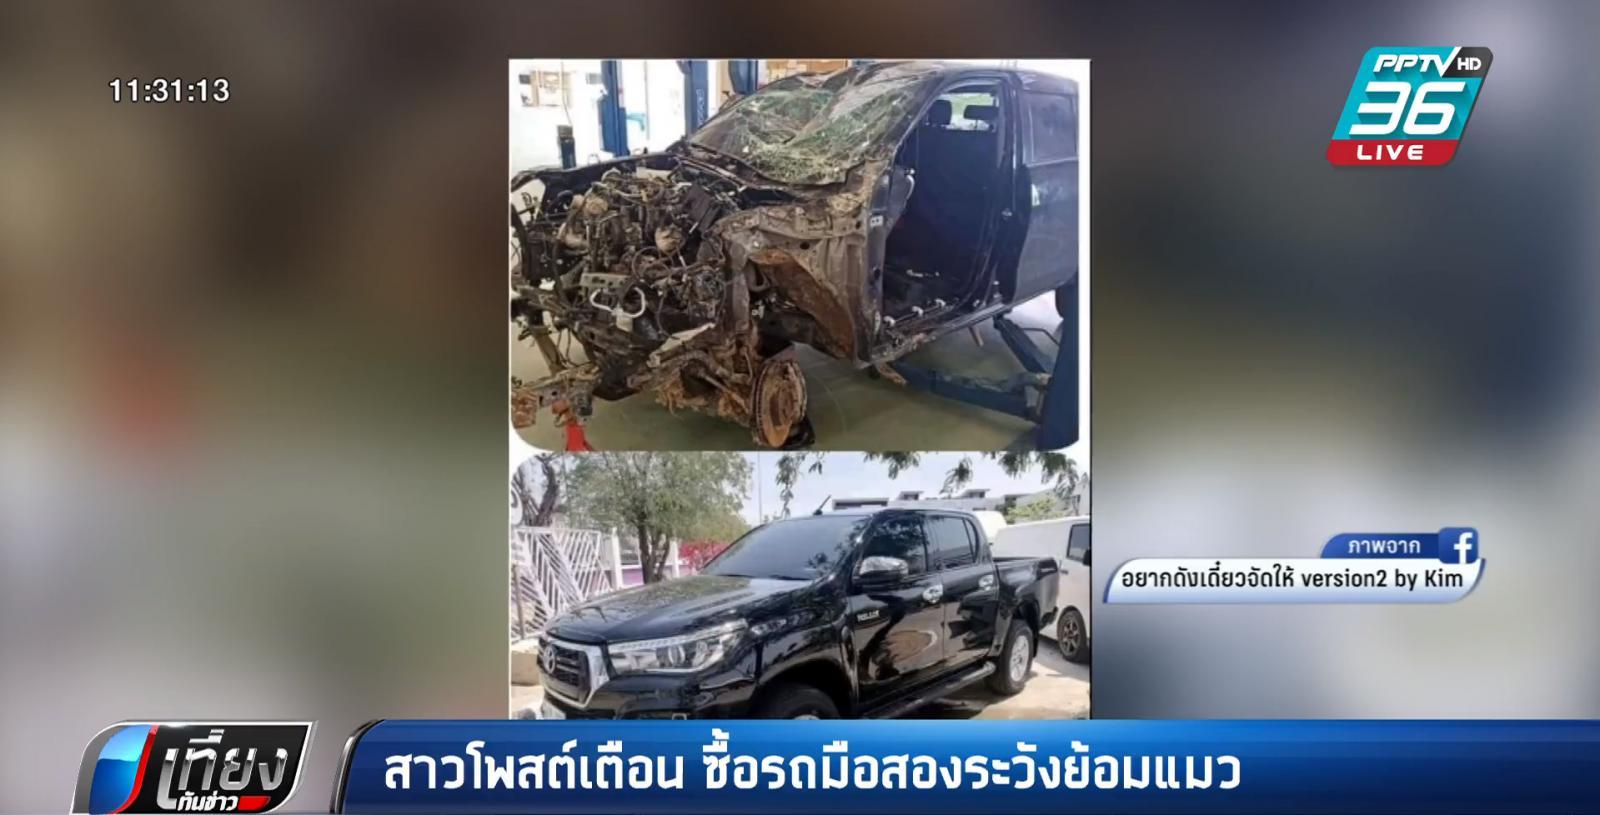 สาวเตือนภัย ซื้อรถมือสองครึ่งล้าน ขุดประวัติเคยประสบอุบัติเหตุพังยับ!